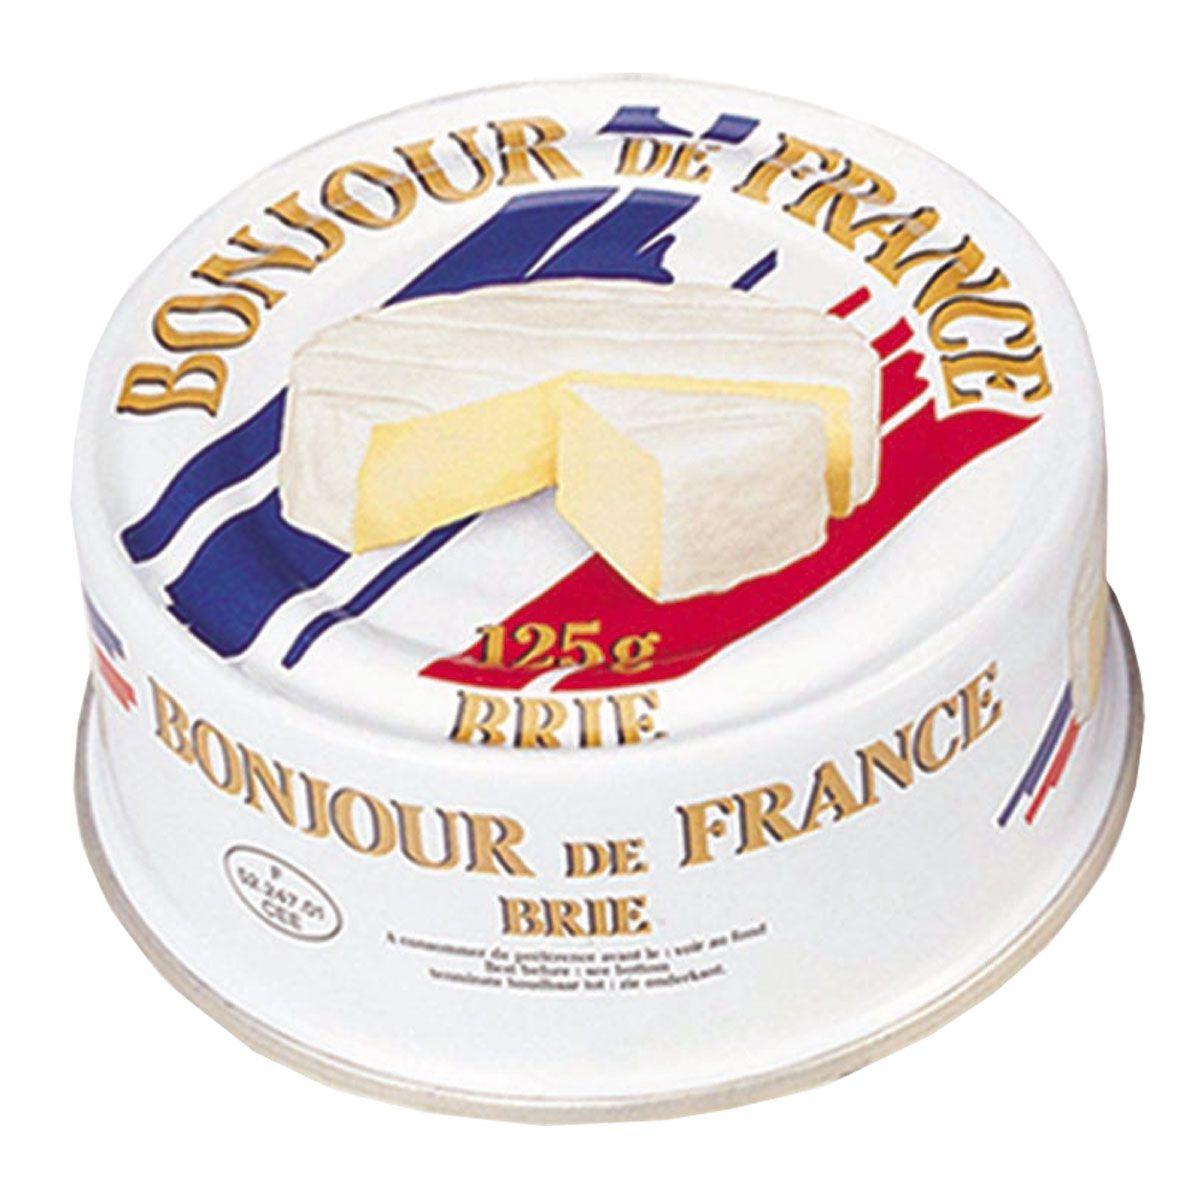 Queijo Brie Bonjour De France Lata 125g